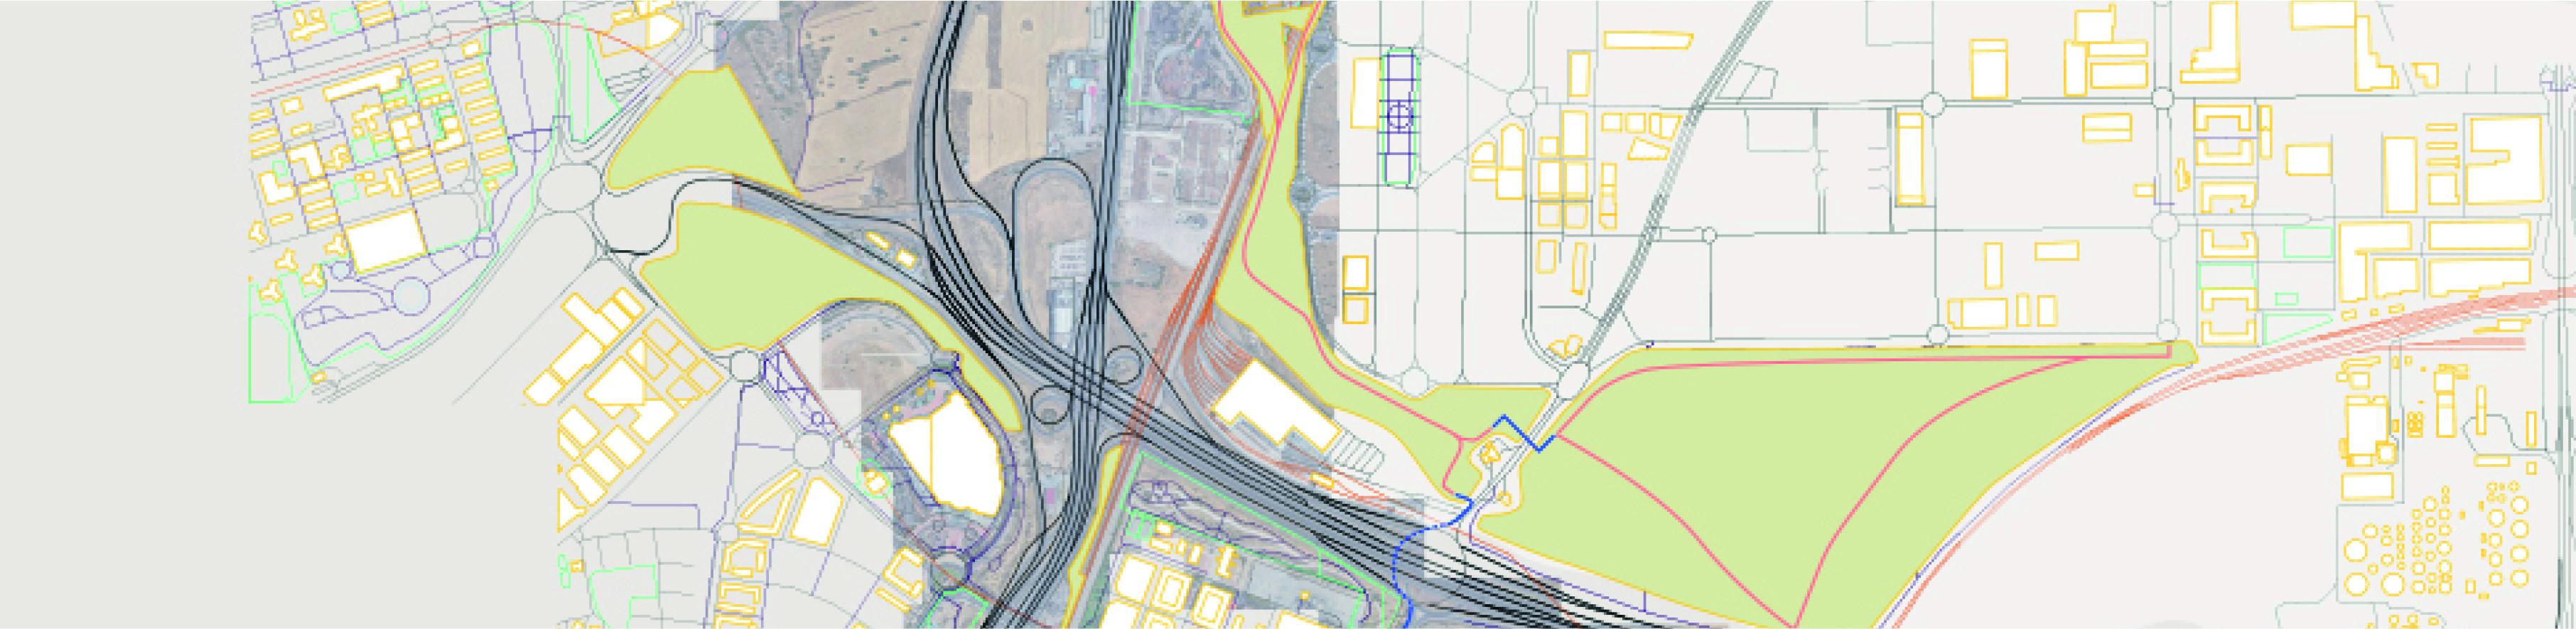 Urbanismo táctico: hacer ciudad